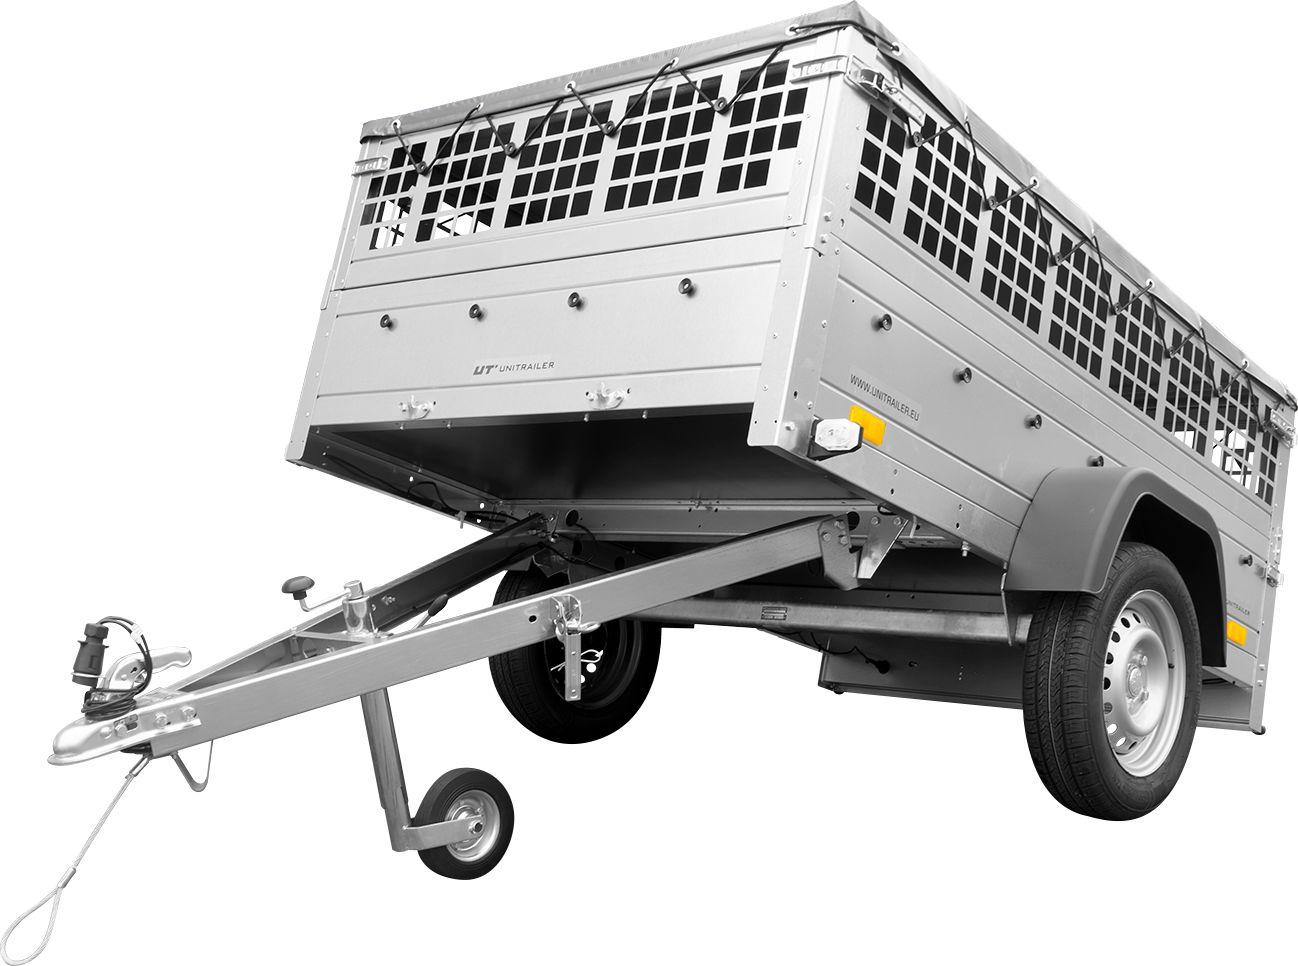 Przyczepa do samochodu na kat. B Unitrailer GARDEN TRAILER 201 KIPP z kołem podporowym, burtami siatkowymi i pokrowcem płaskim szarym